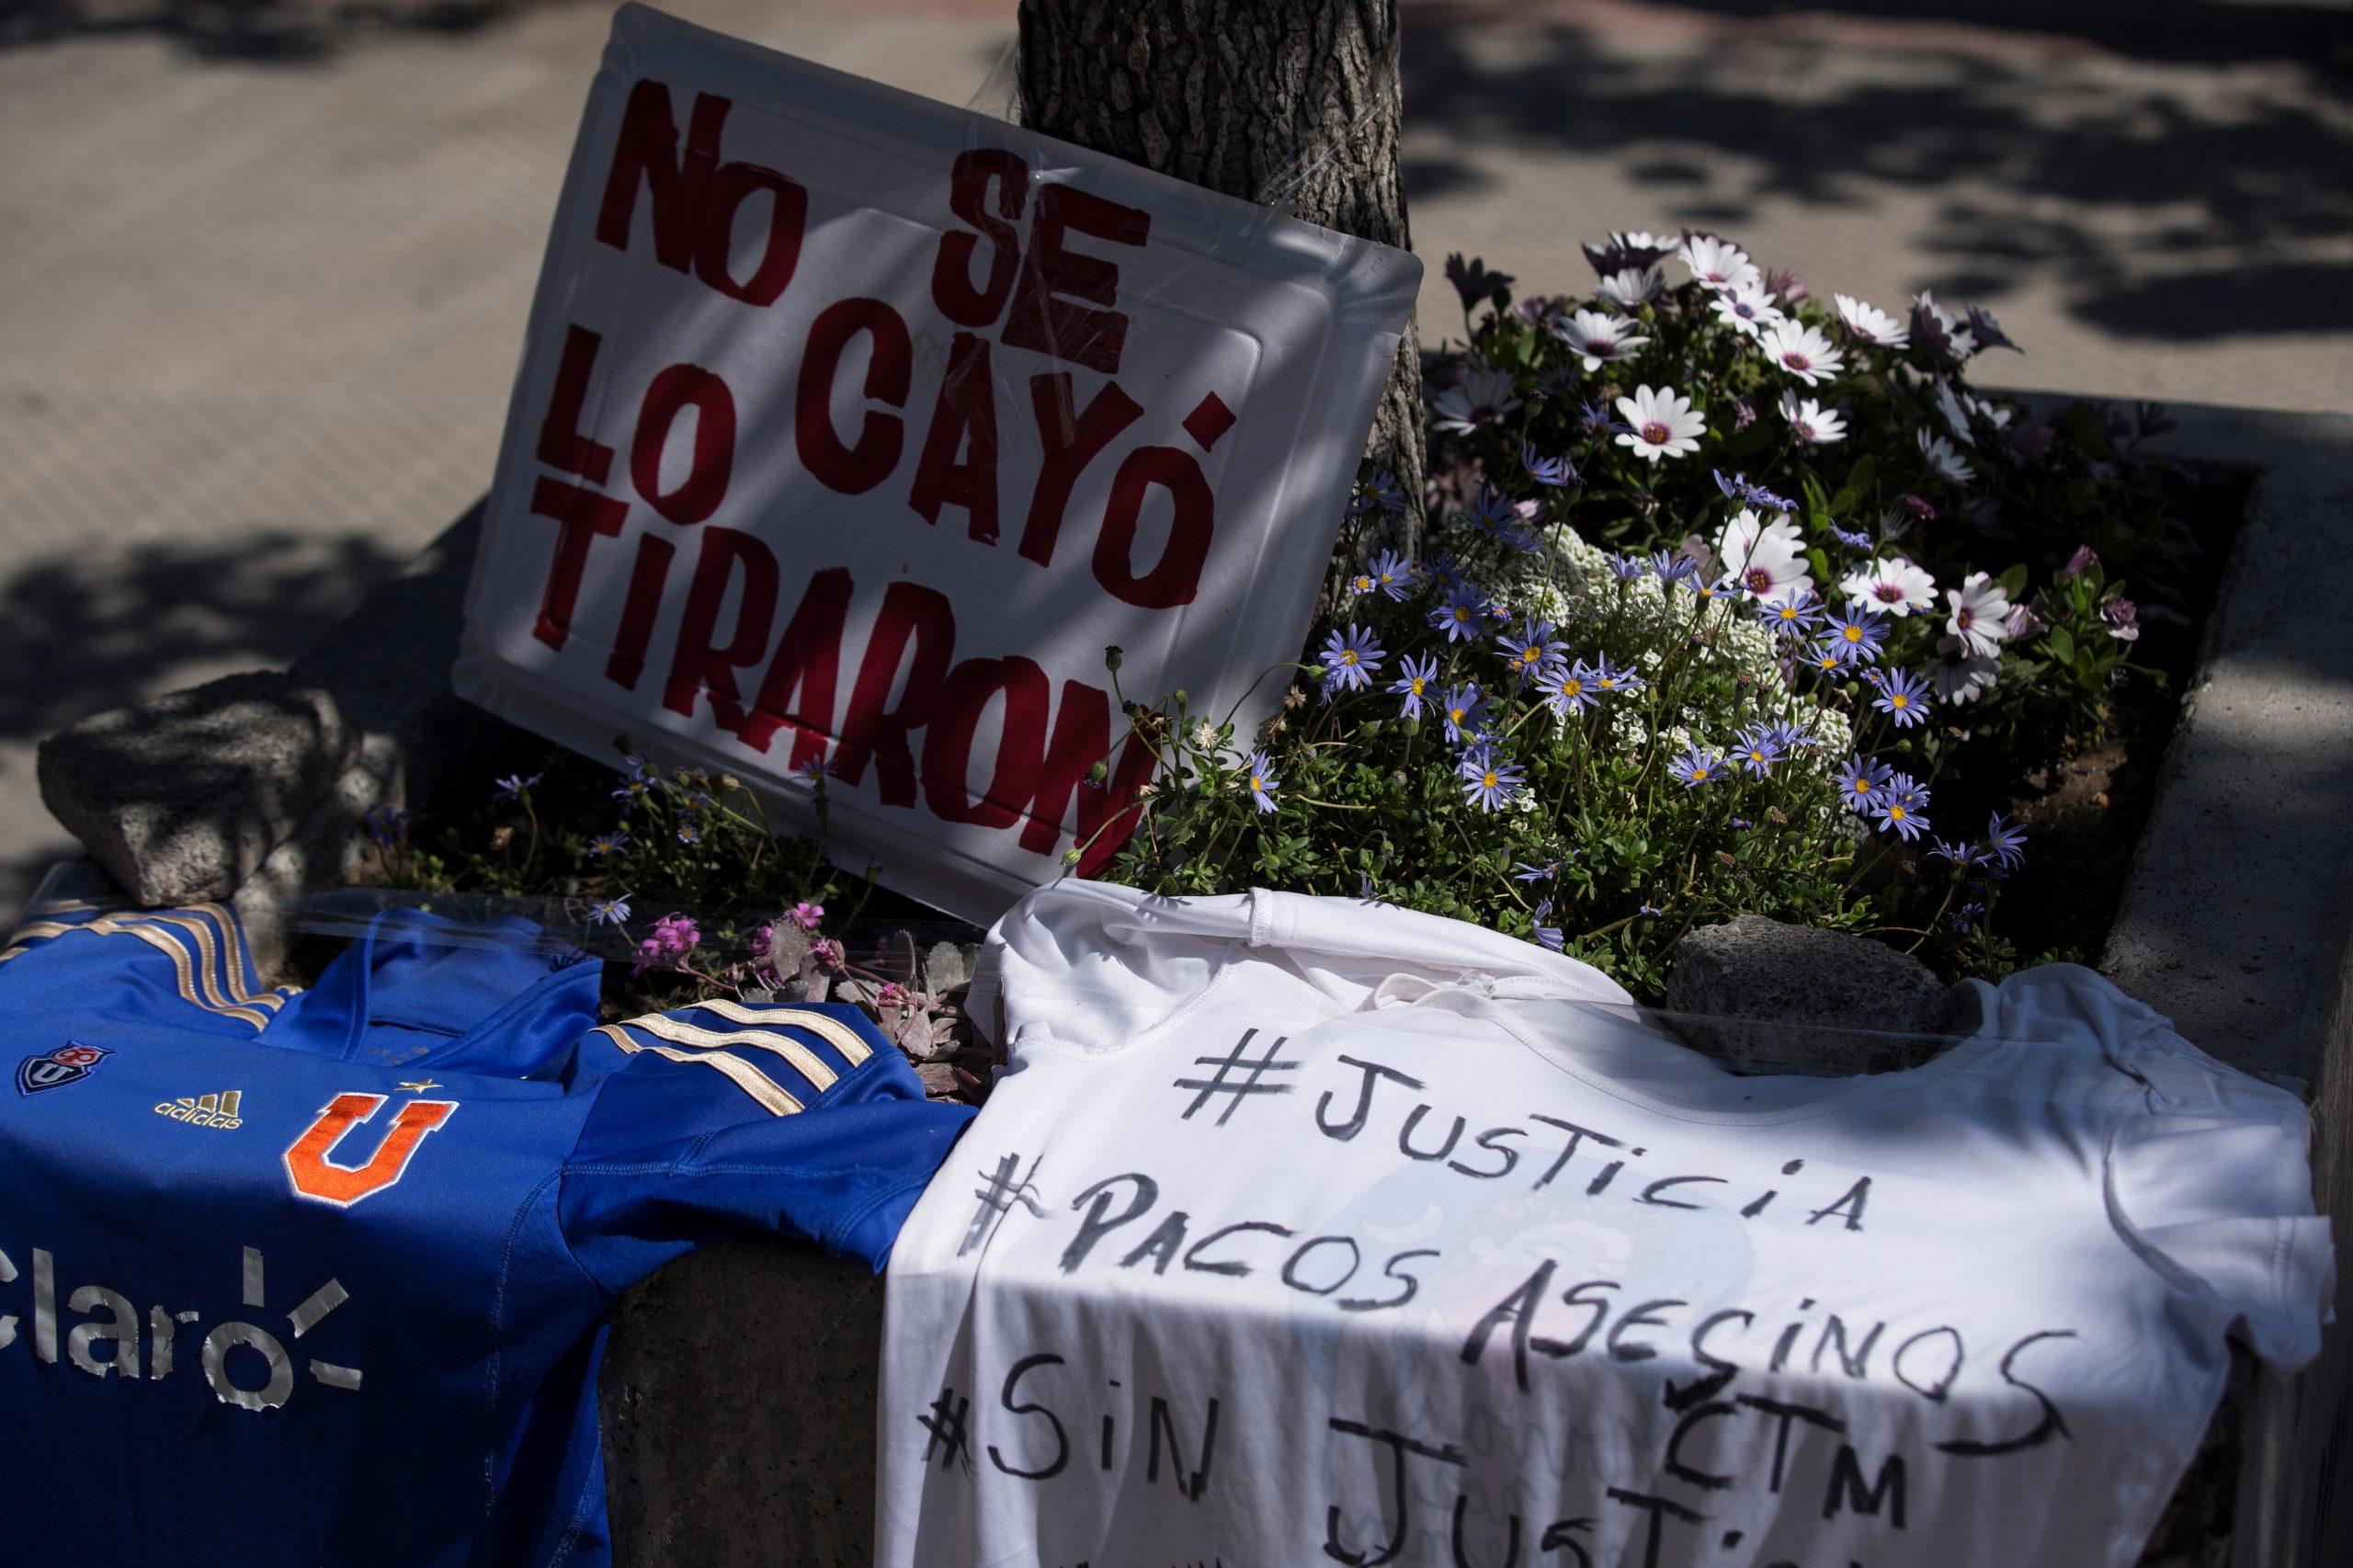 Carteles y camisas con mensajes contra la policía y en apoyo al menor de edad arrojado, presuntamente, por Fuerzas Especiales de Carabineros al río Mapocho durante protestas son vistos, este sábado, en la entrada de la Clínica Santa María en Santiago de Chile, donde se encuentra ingresado. Foto de EFE/Alberto Valdes.